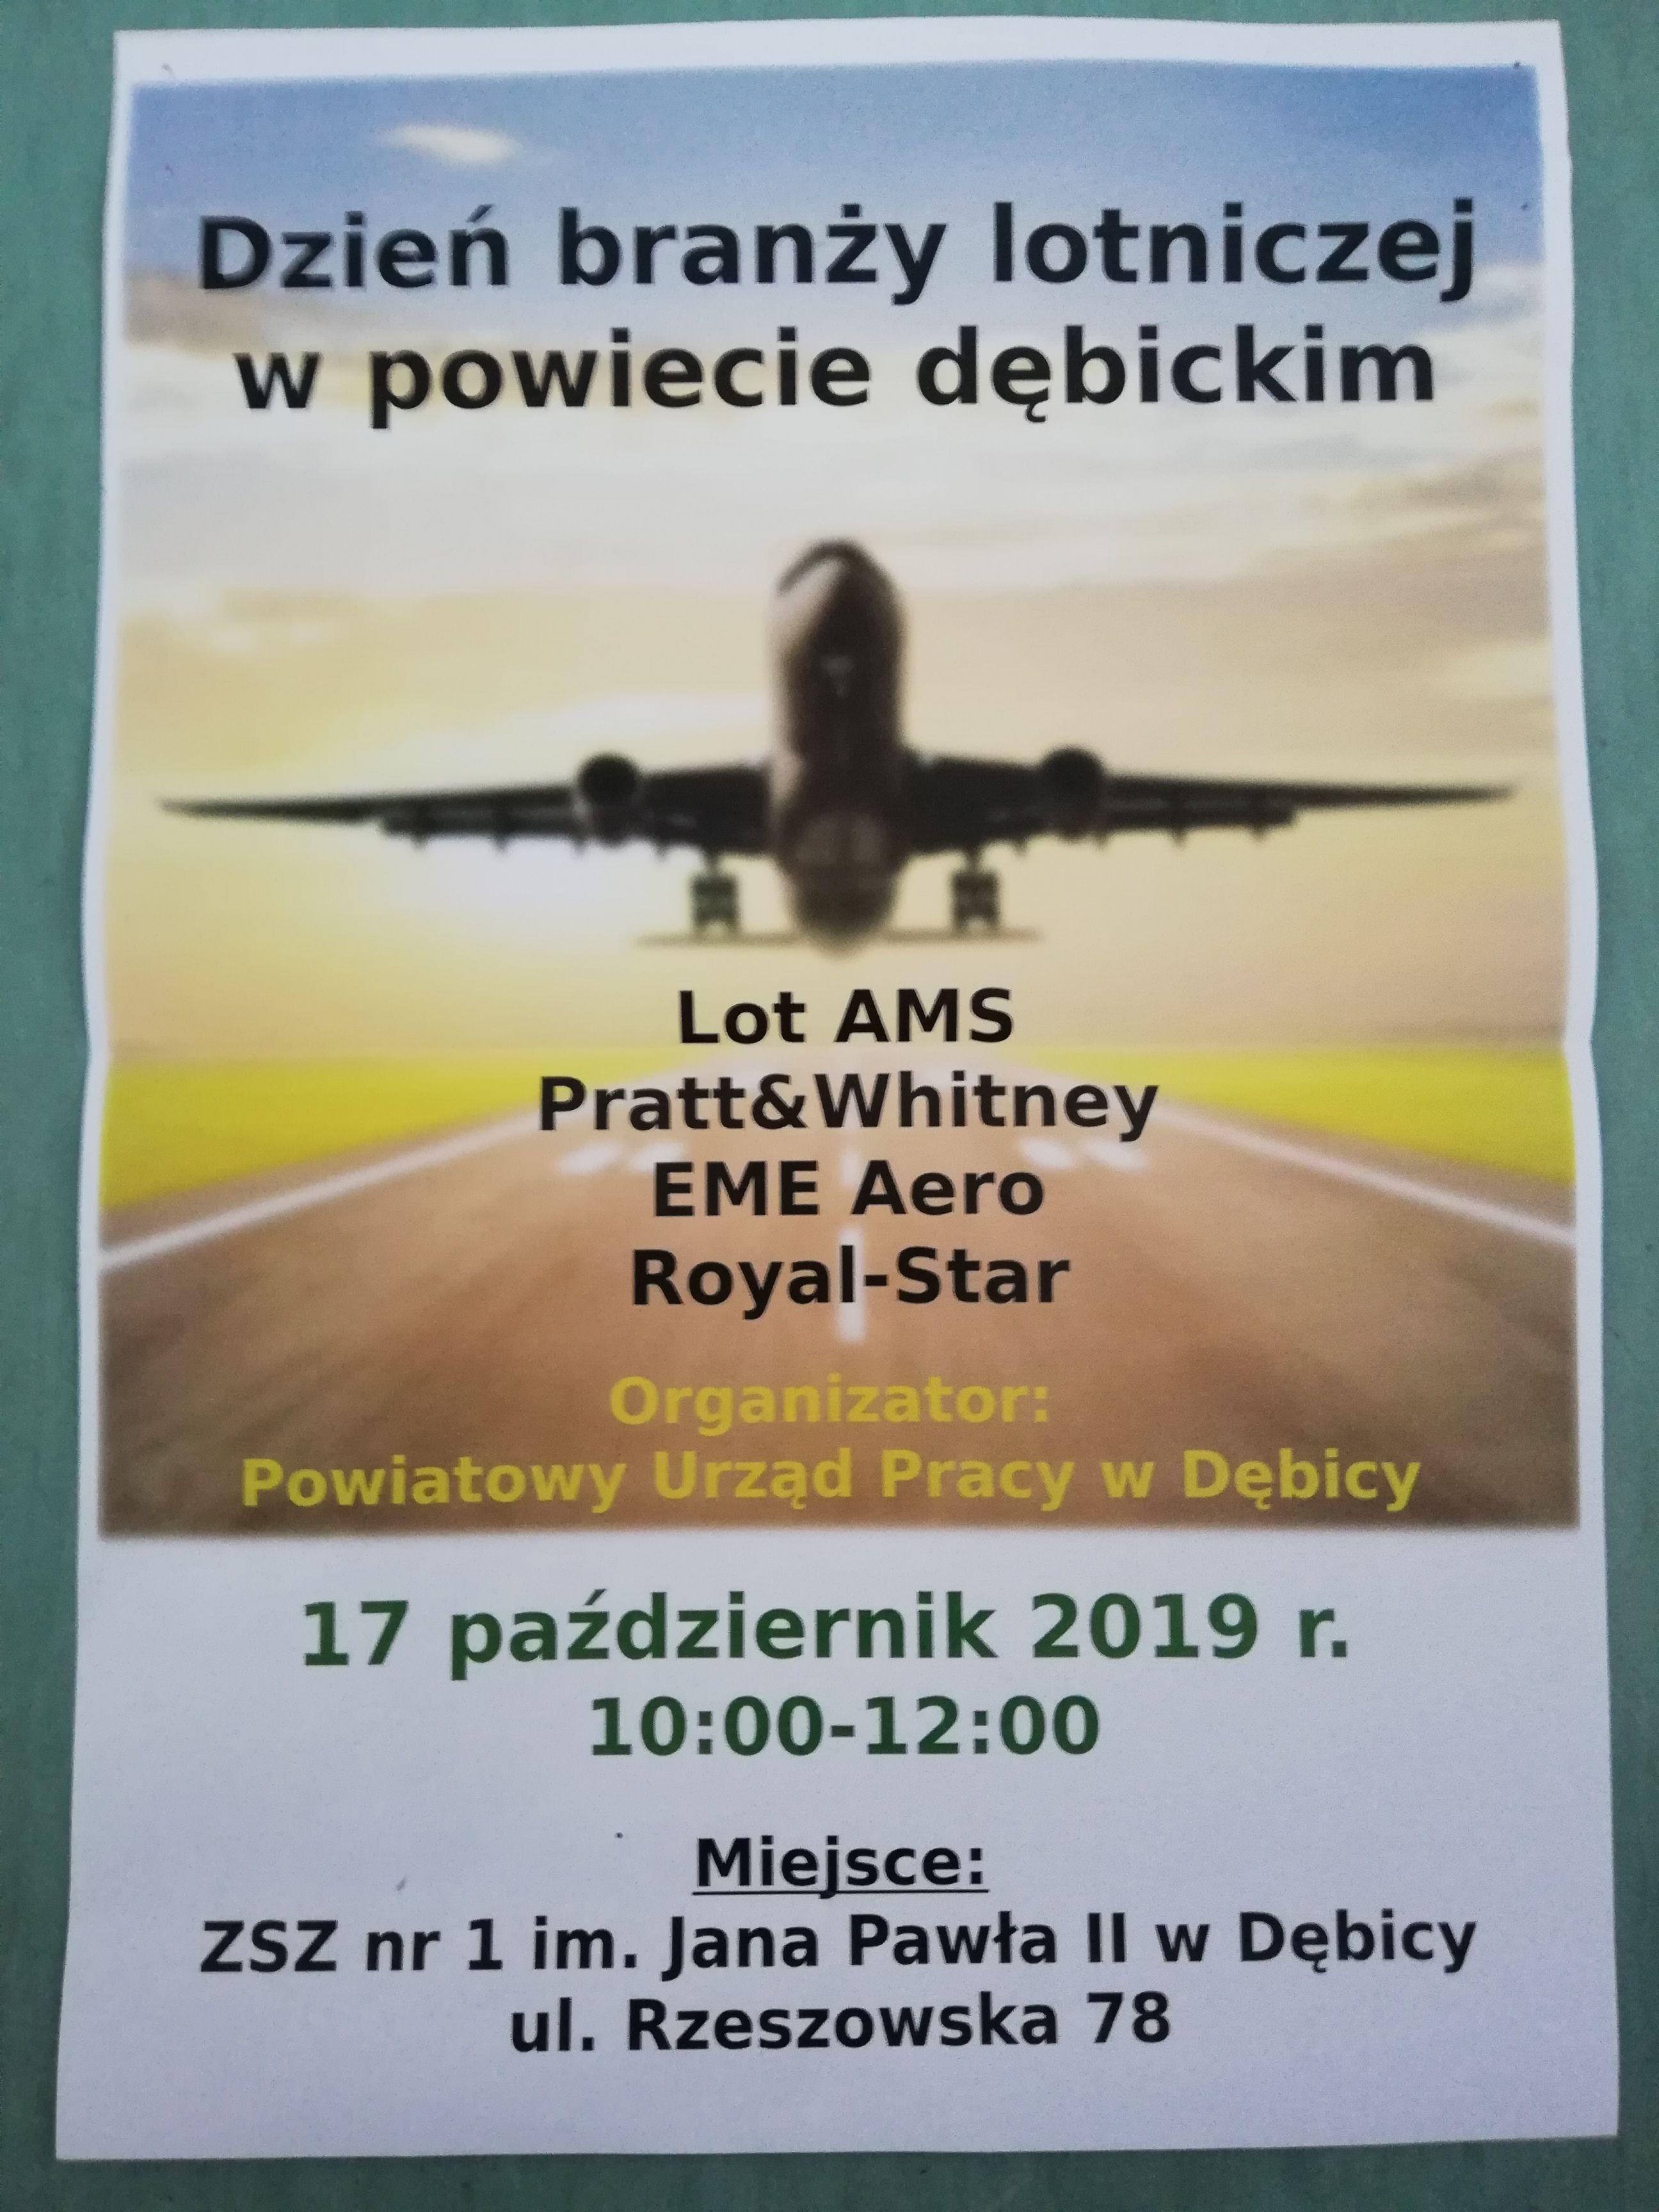 Dzień branży lotniczej